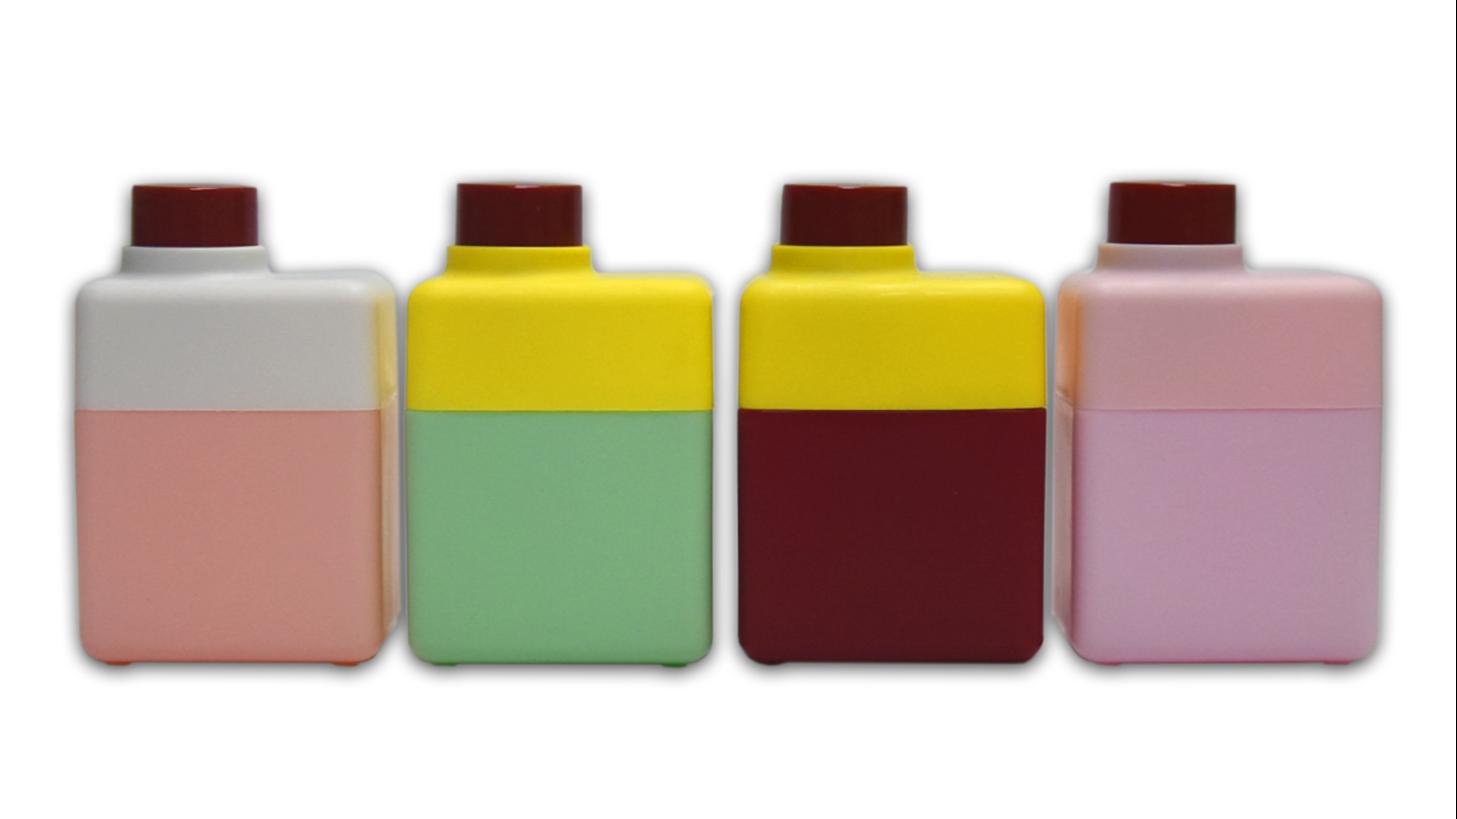 الصين شركات مستطيل طباعة الشاشة المعالجة السطحية 280 مللي 200 مللي غسل الوجه غسول HDPE زجاجة شامبو